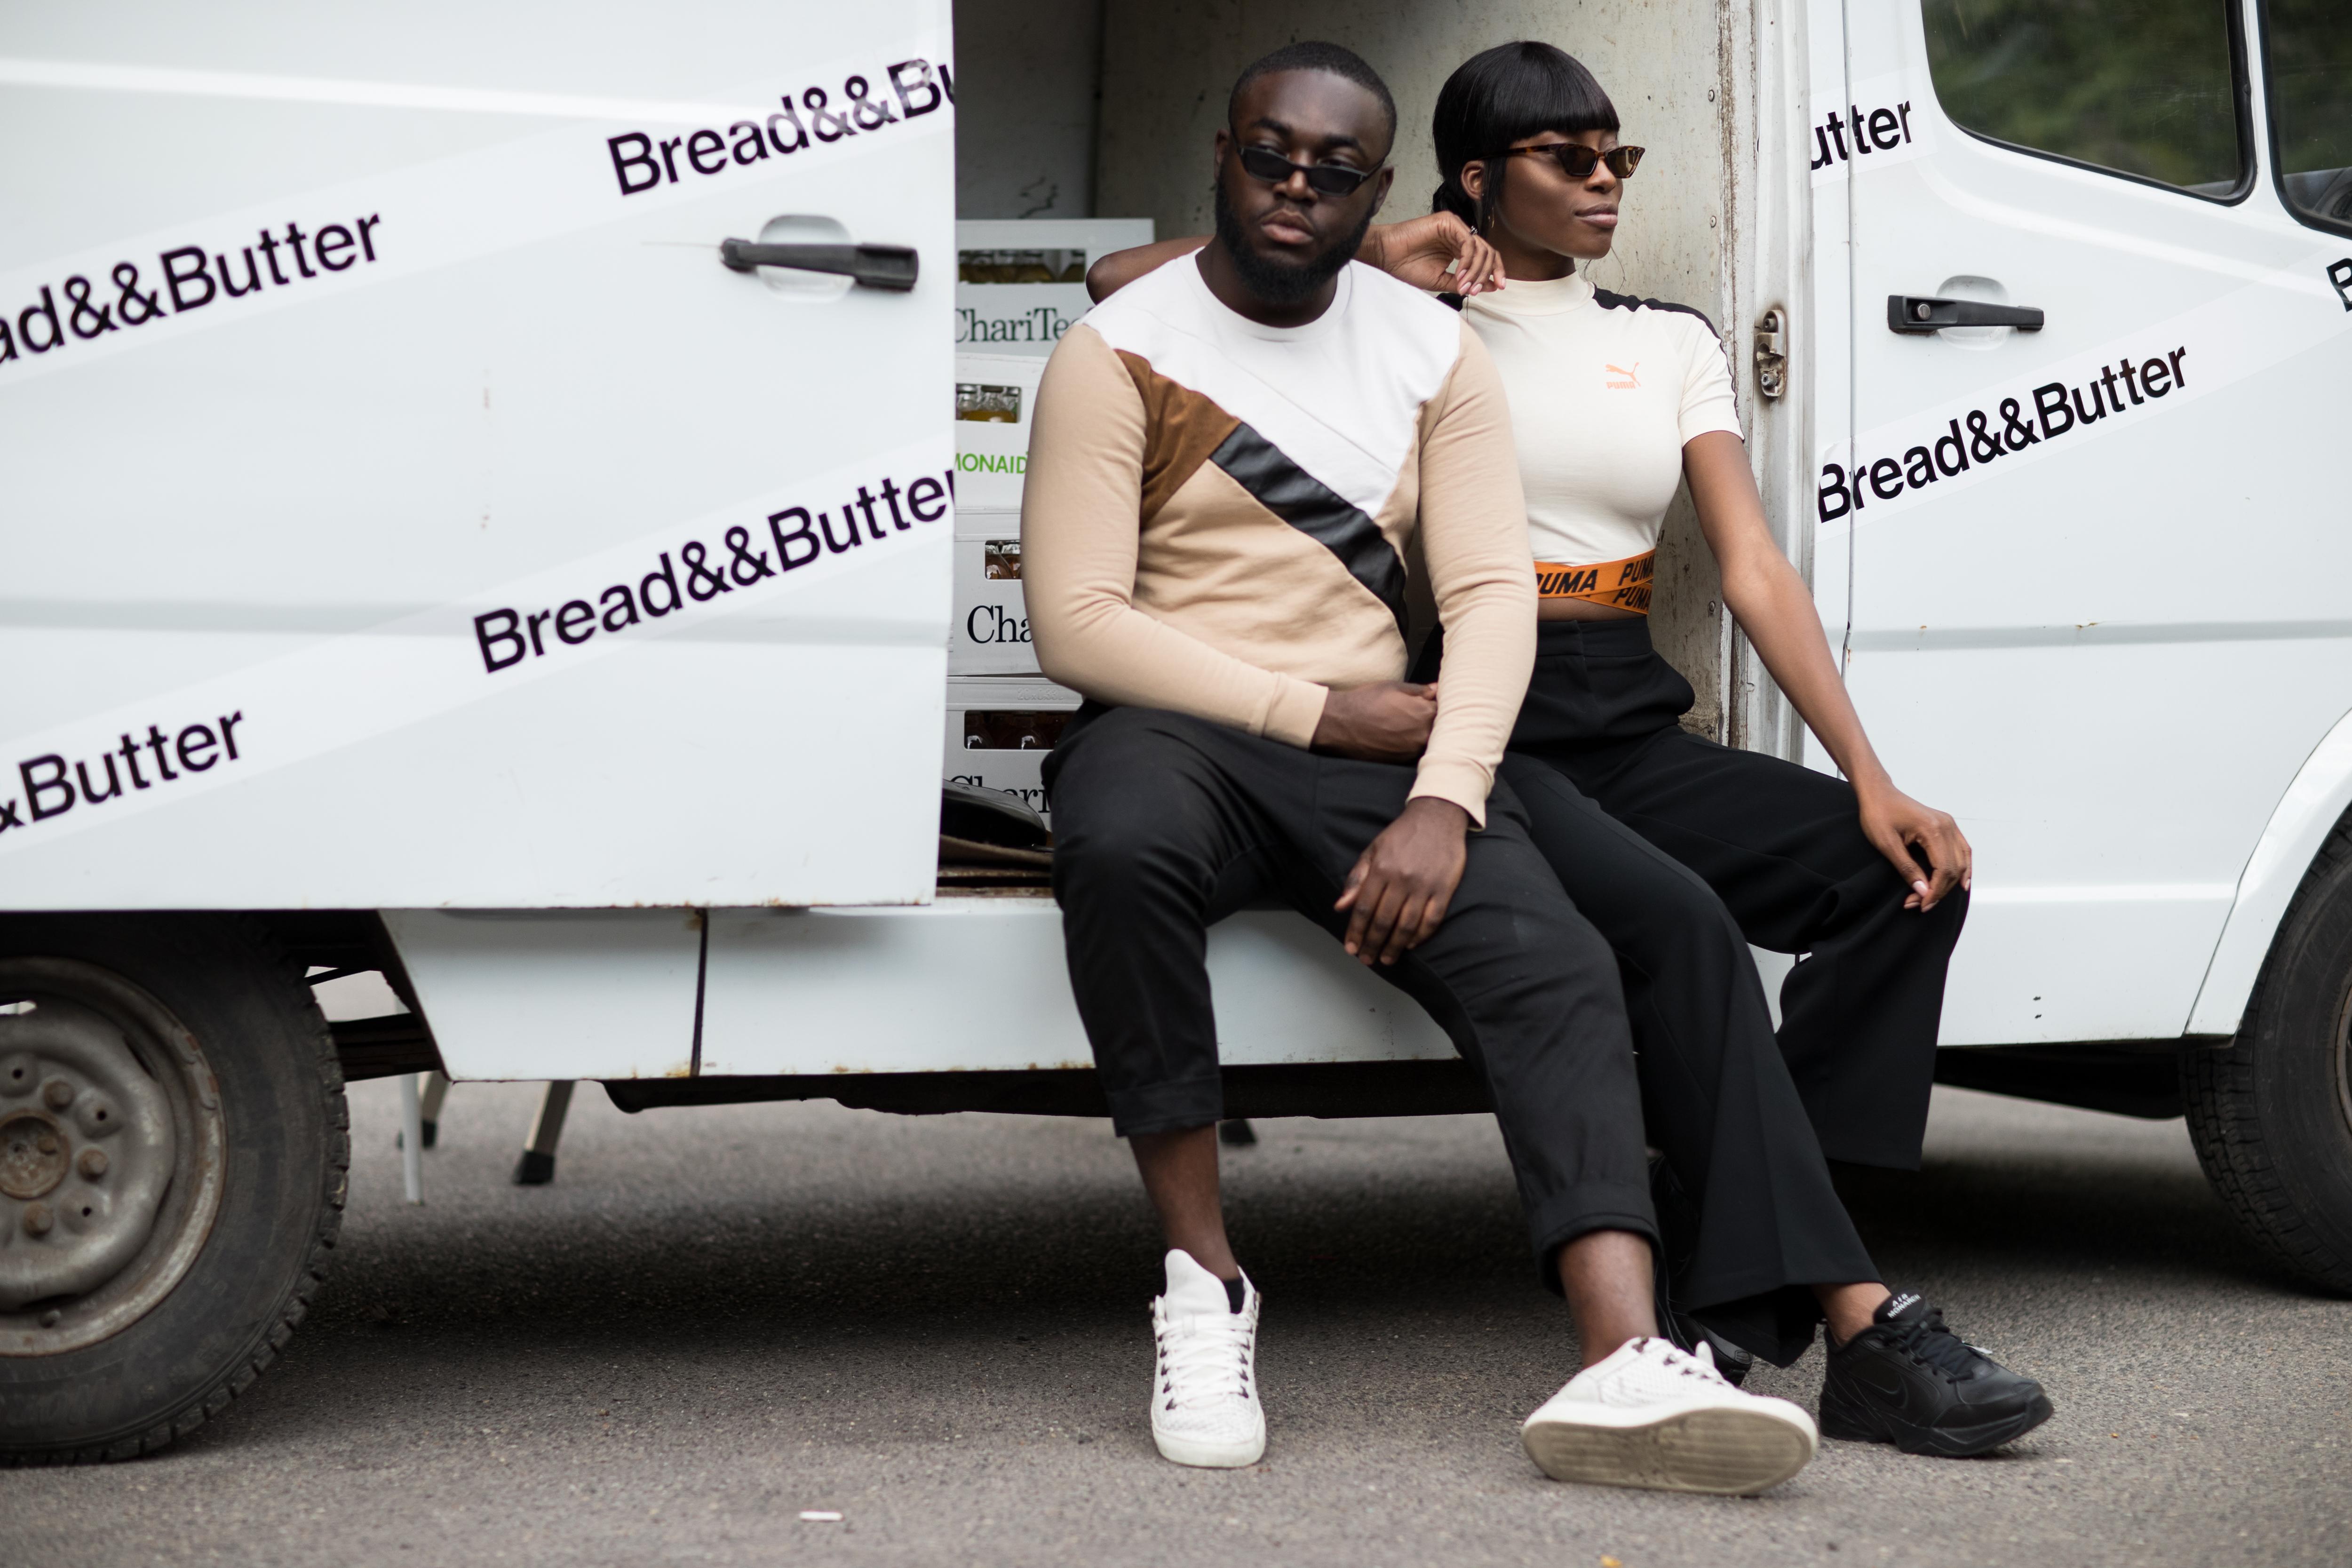 Bread&&Butter by Zalando 2018 - Street Style 4